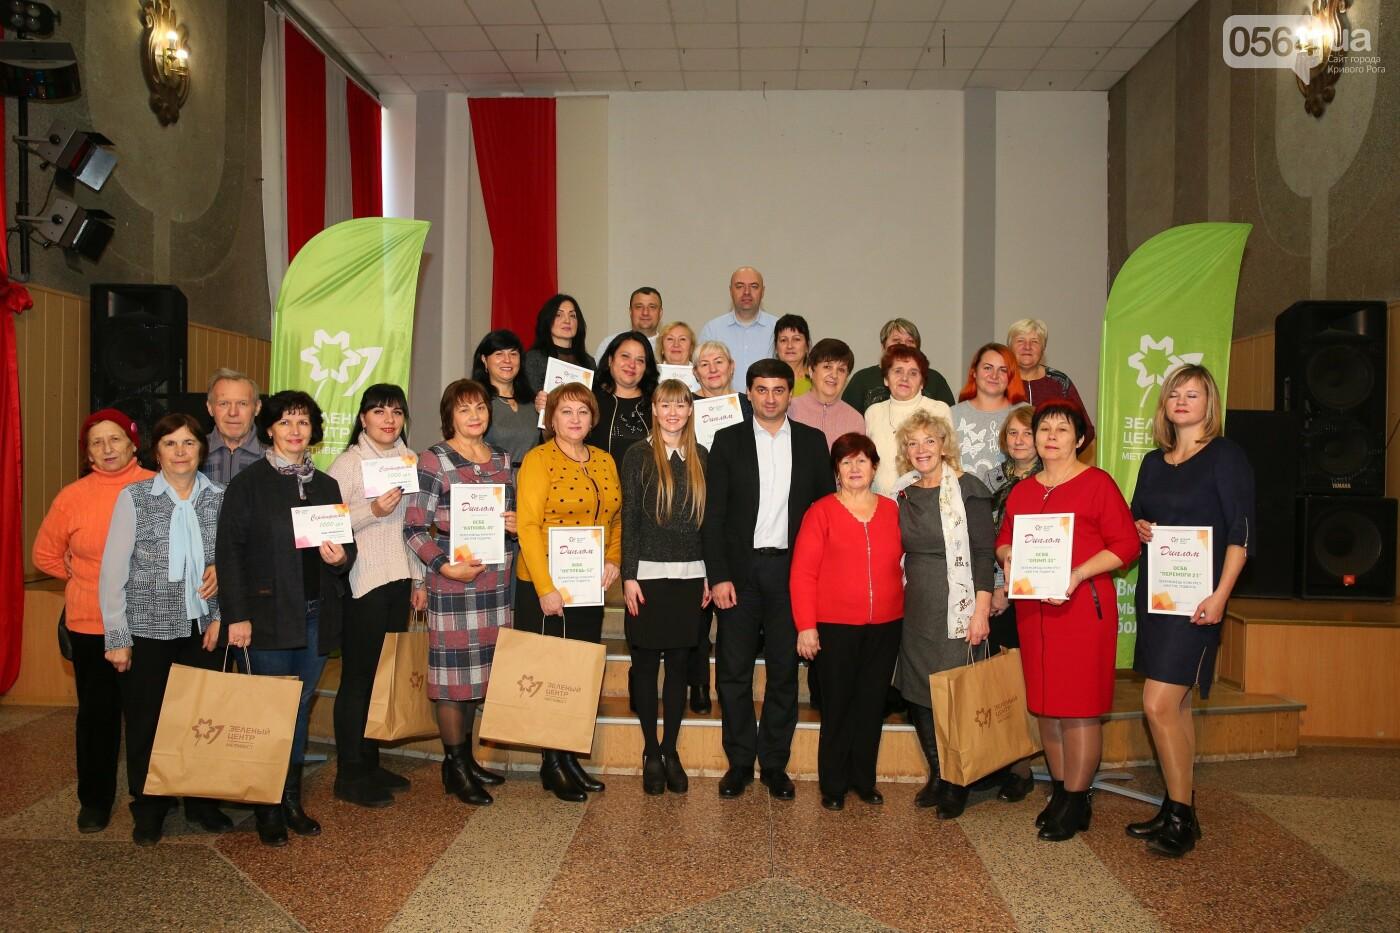 Без проигравших: в Кривом Роге наградили участников конкурса «Цветущий двор», фото-5